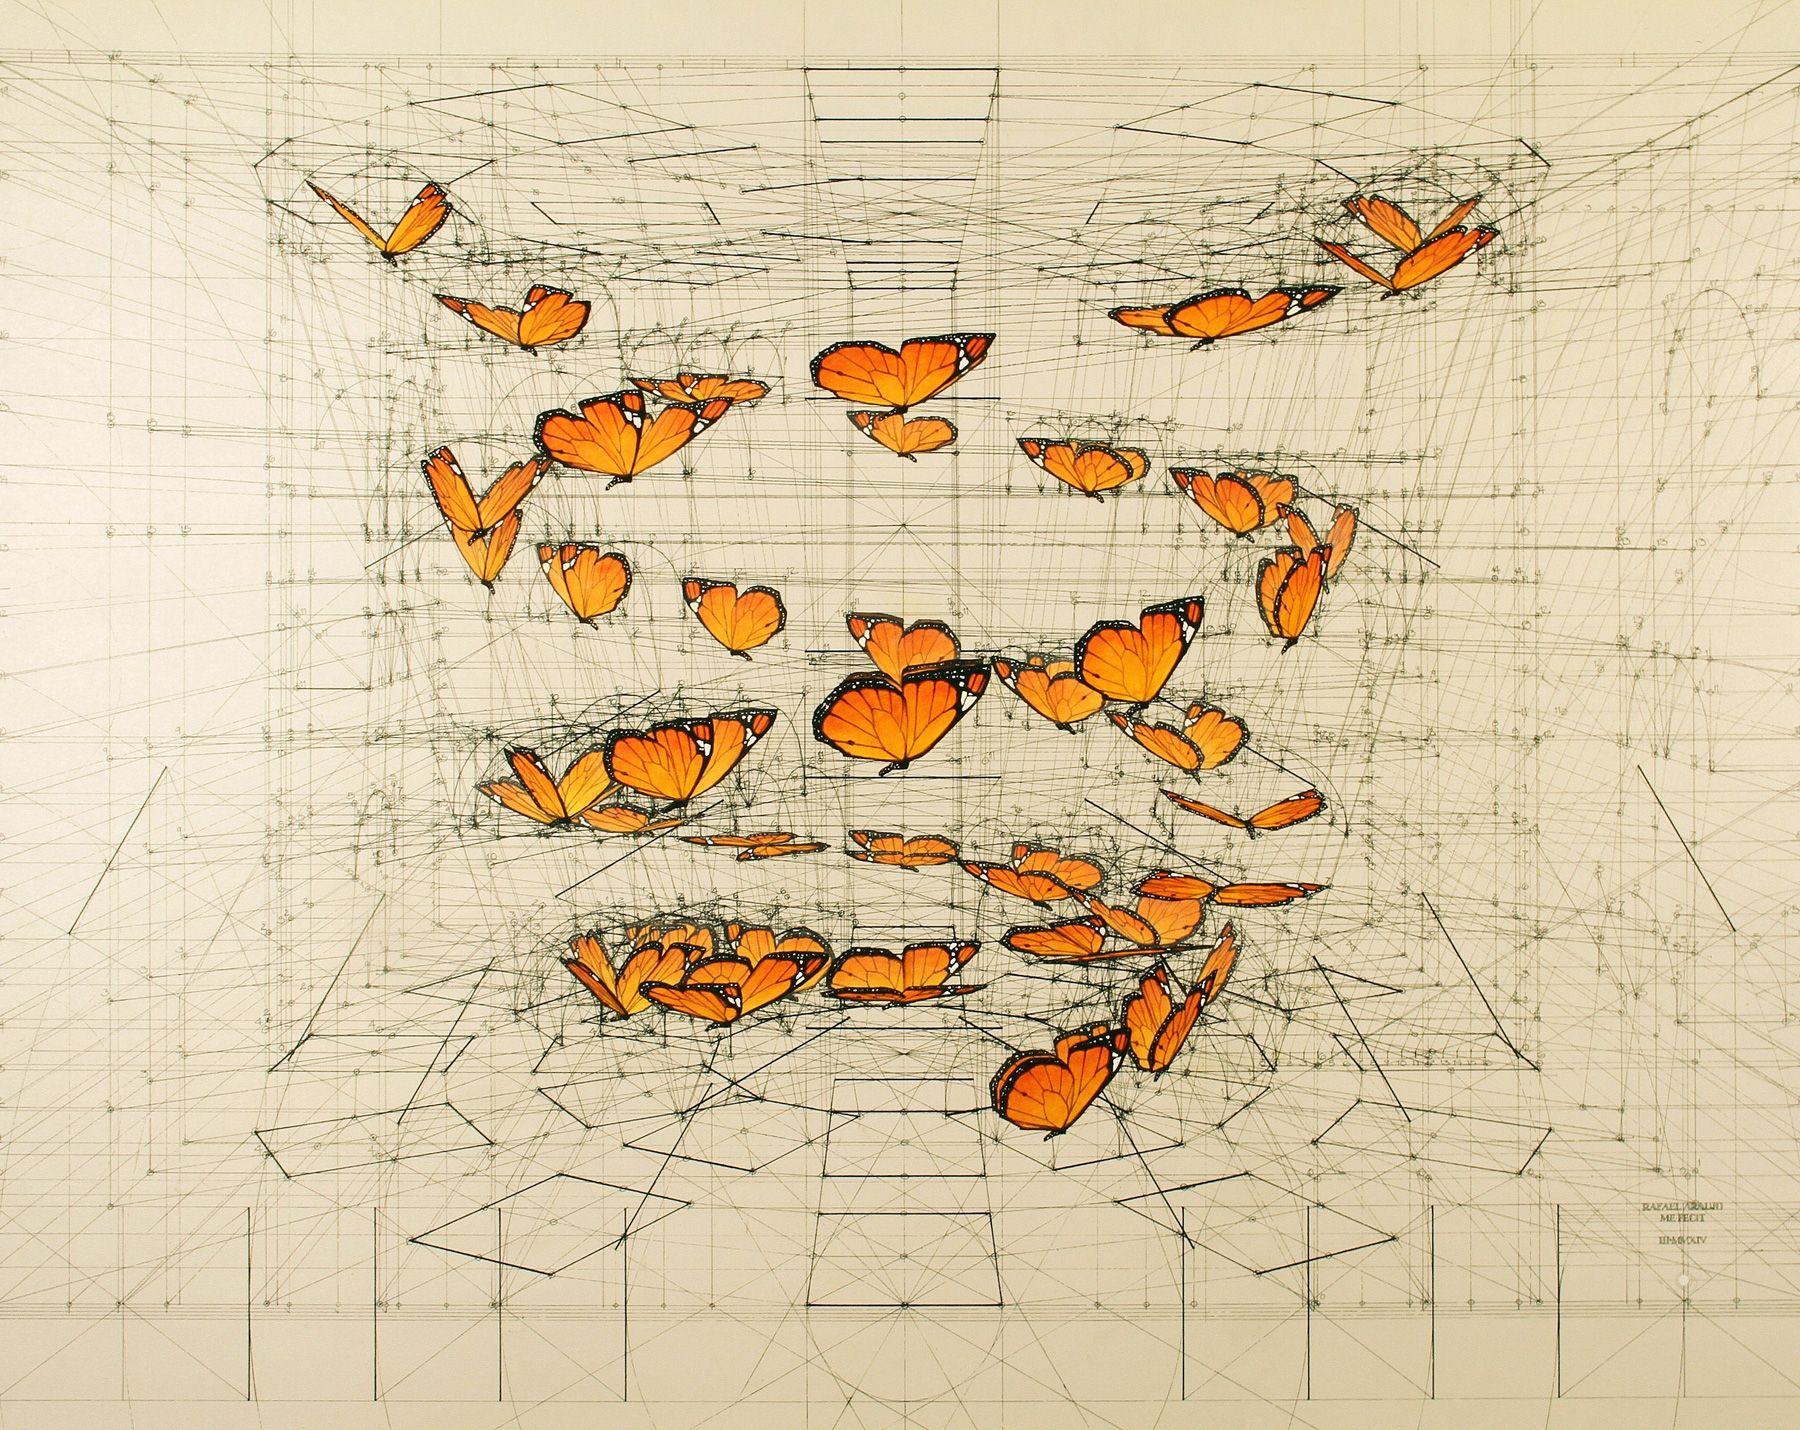 Calculation è Una Serie Dell Illustratore Rafael Araujo In Cui Farfalle E Conchiglie Trasformano S Nel 2020 Libri Da Colorare Per Adulti Libri Da Colorare Illustrazioni